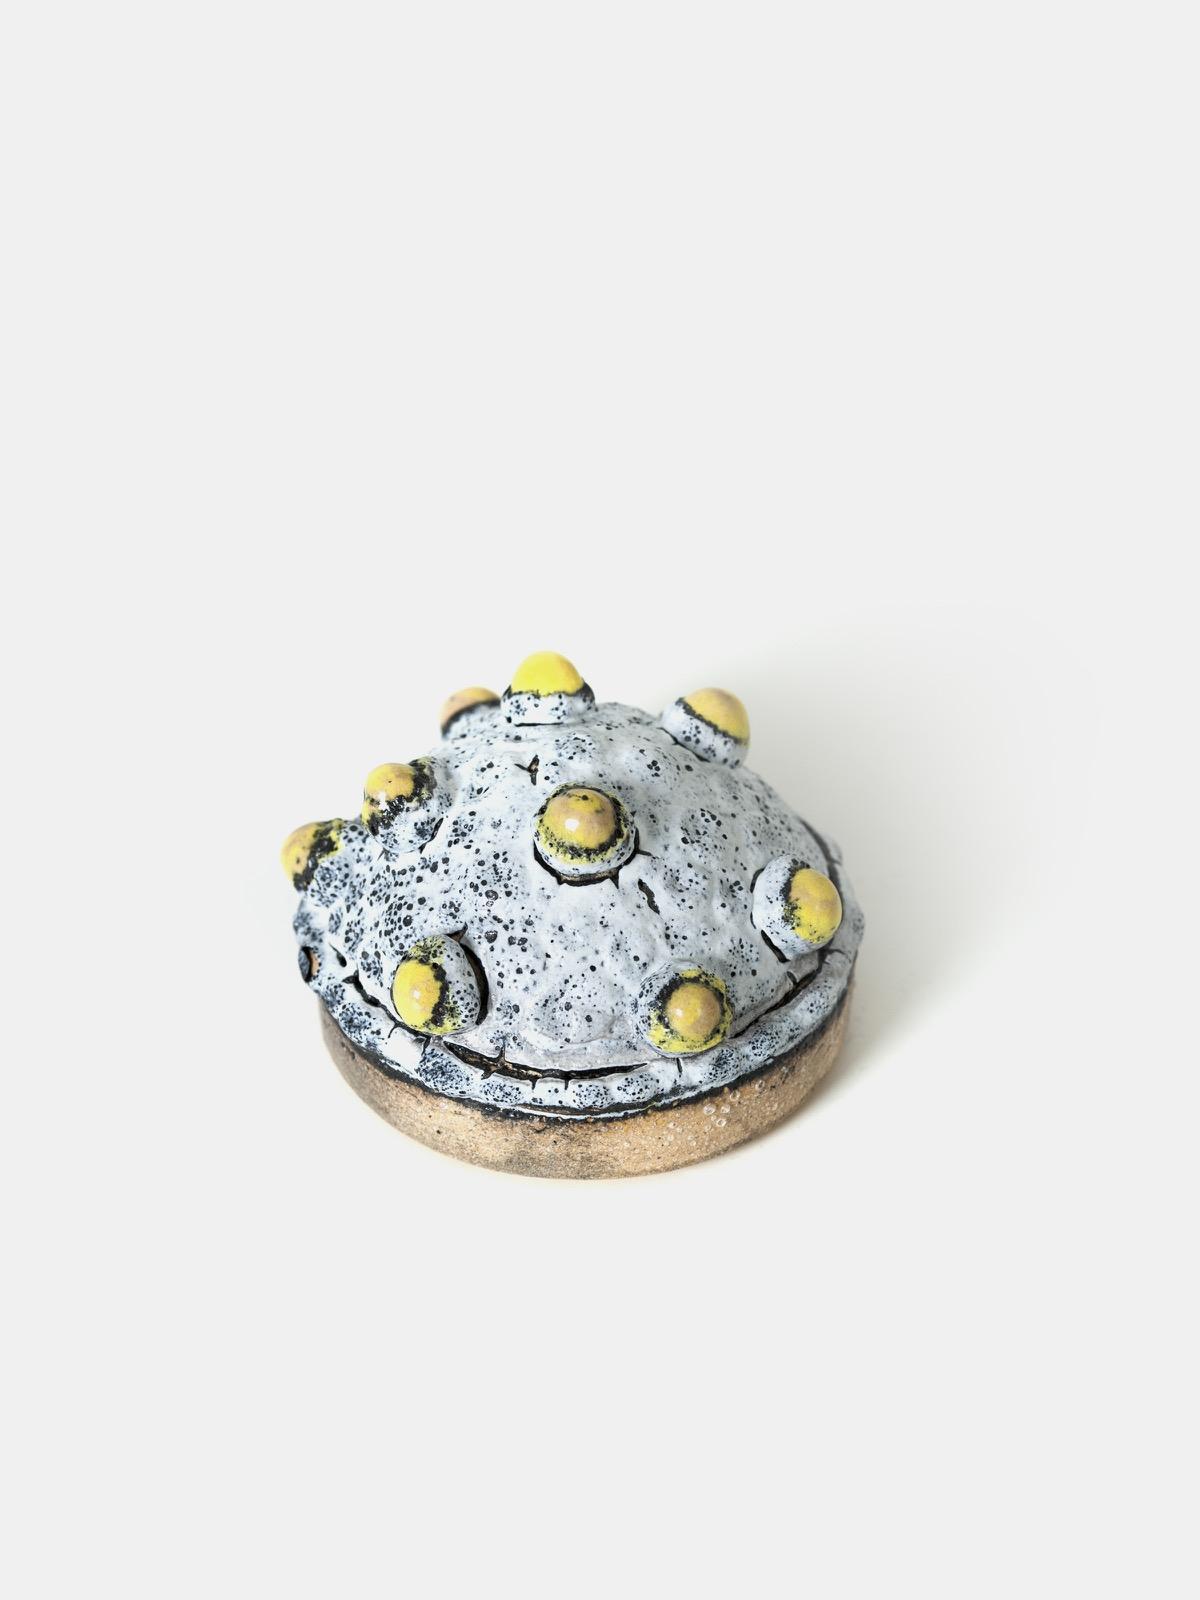 airbag craftworks vinyl puck - david rauer | 002